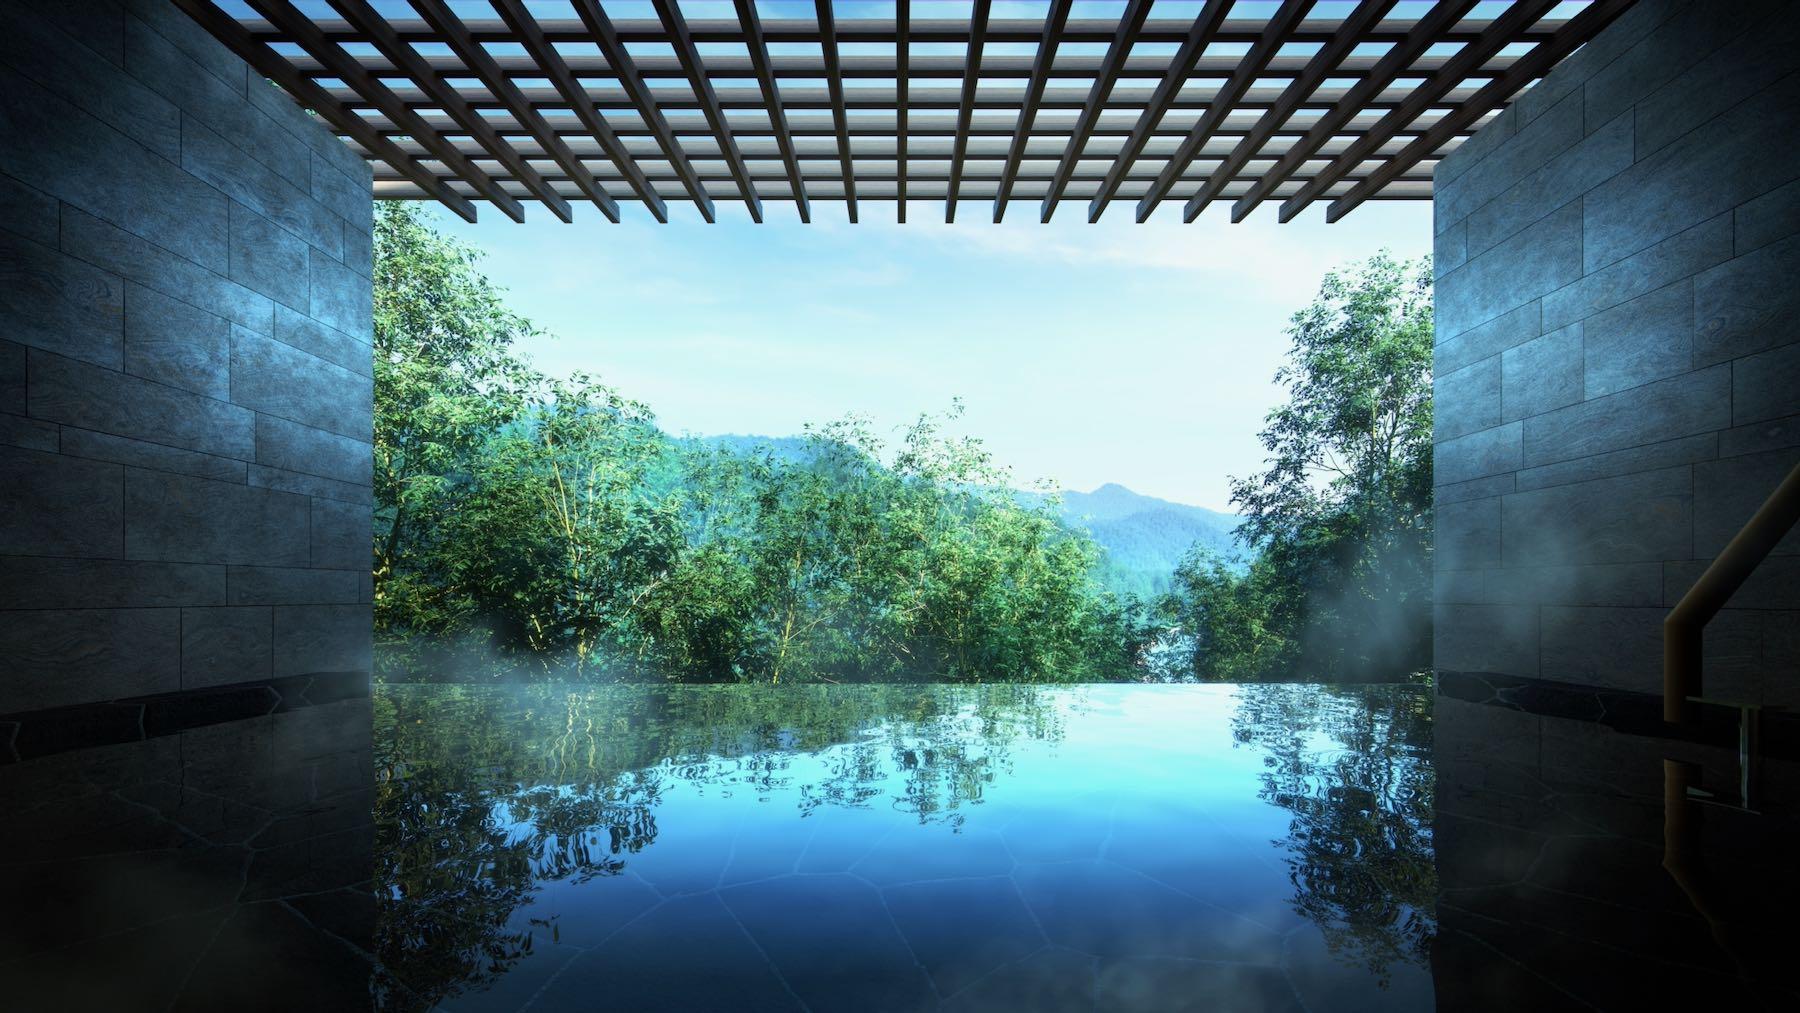 「東急ハーヴェストクラブVIALA鬼怒川渓翠」露天風呂では温泉につかりながら、渓谷の川の流れや緑の匂いにも心安ぐひと時を